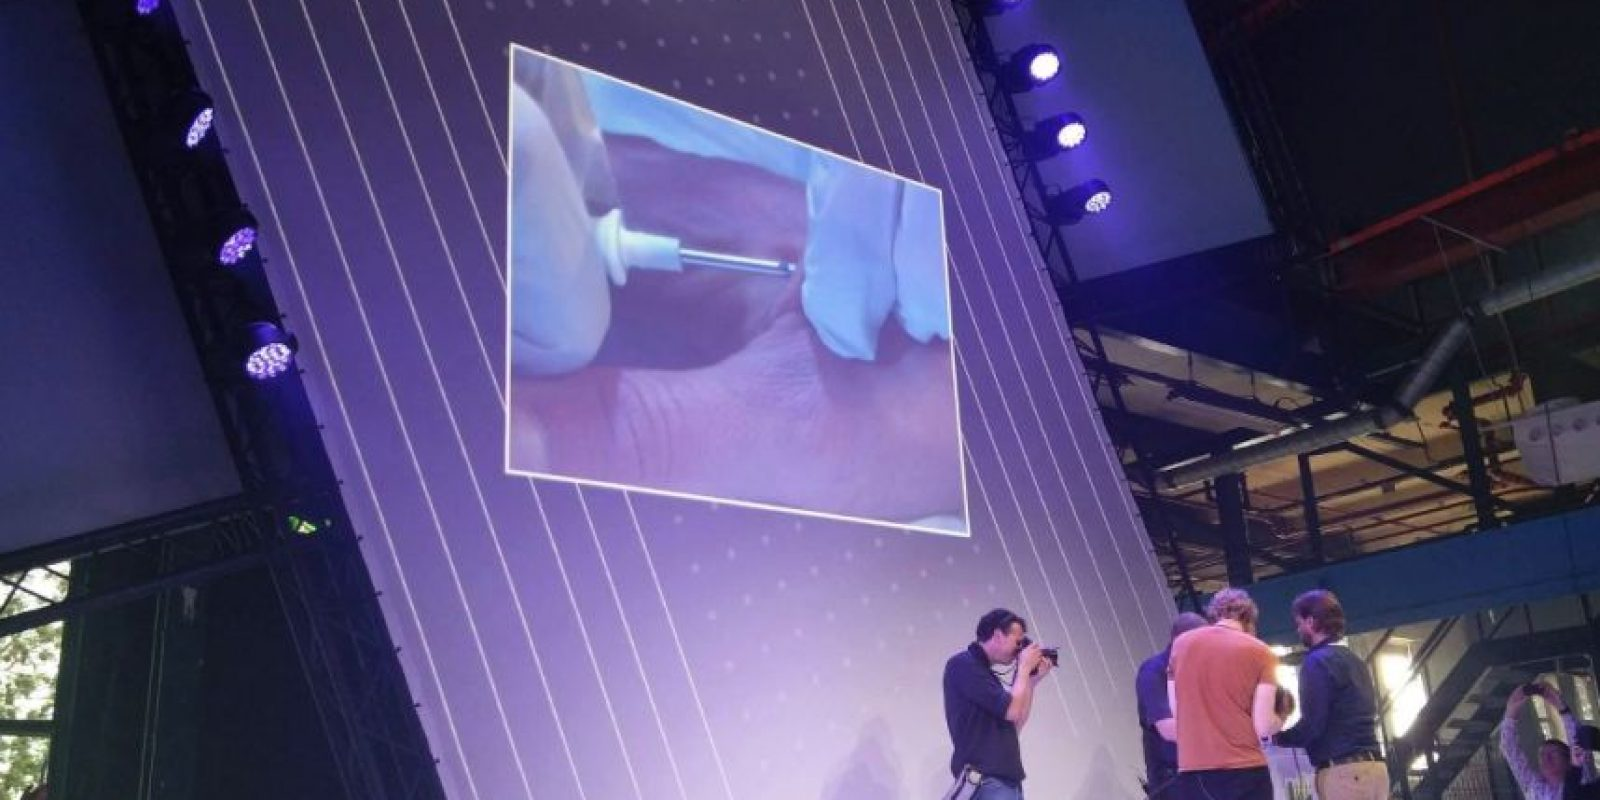 Los productores del chip describen el dolor similar al de una perforación en la lengua o la oreja e indican que la recuperación se completa en un periodo de dos a cuatro semanas. Foto:Vía Facebook.com/DangerousThings